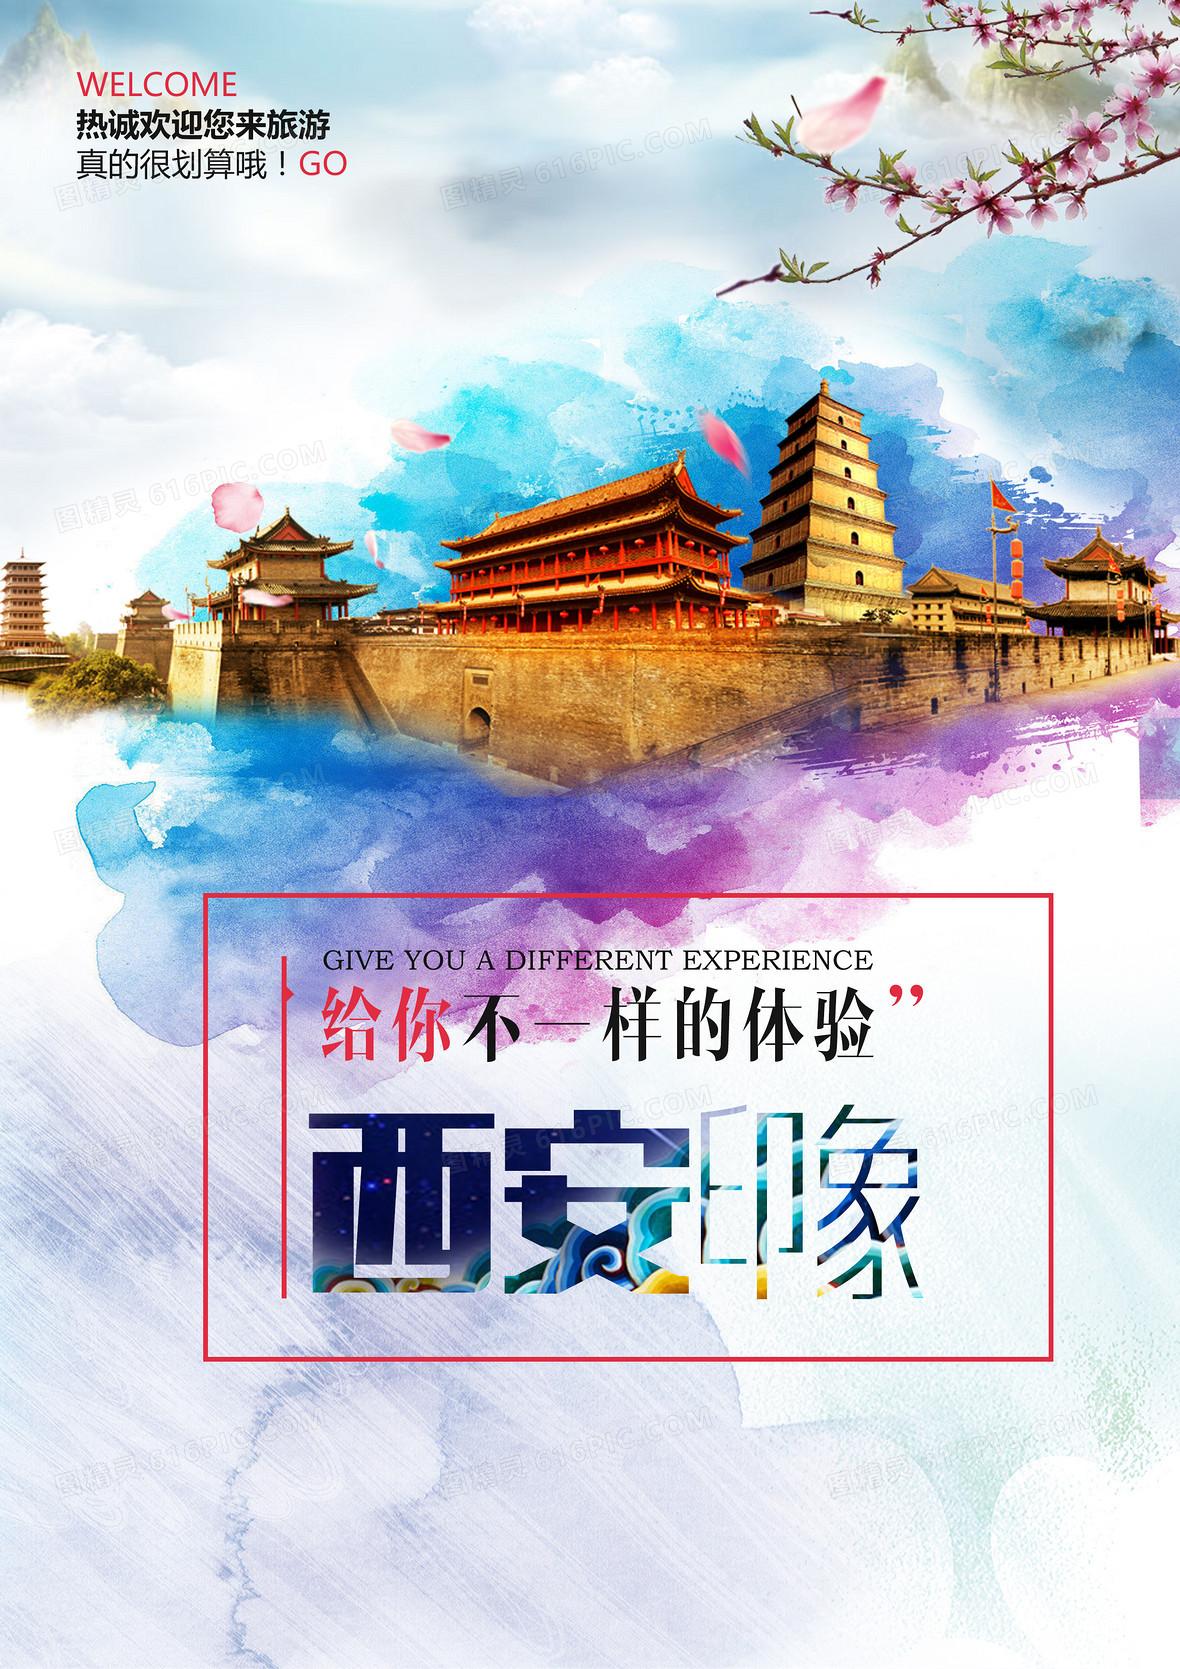 映像西安旅游背景素材